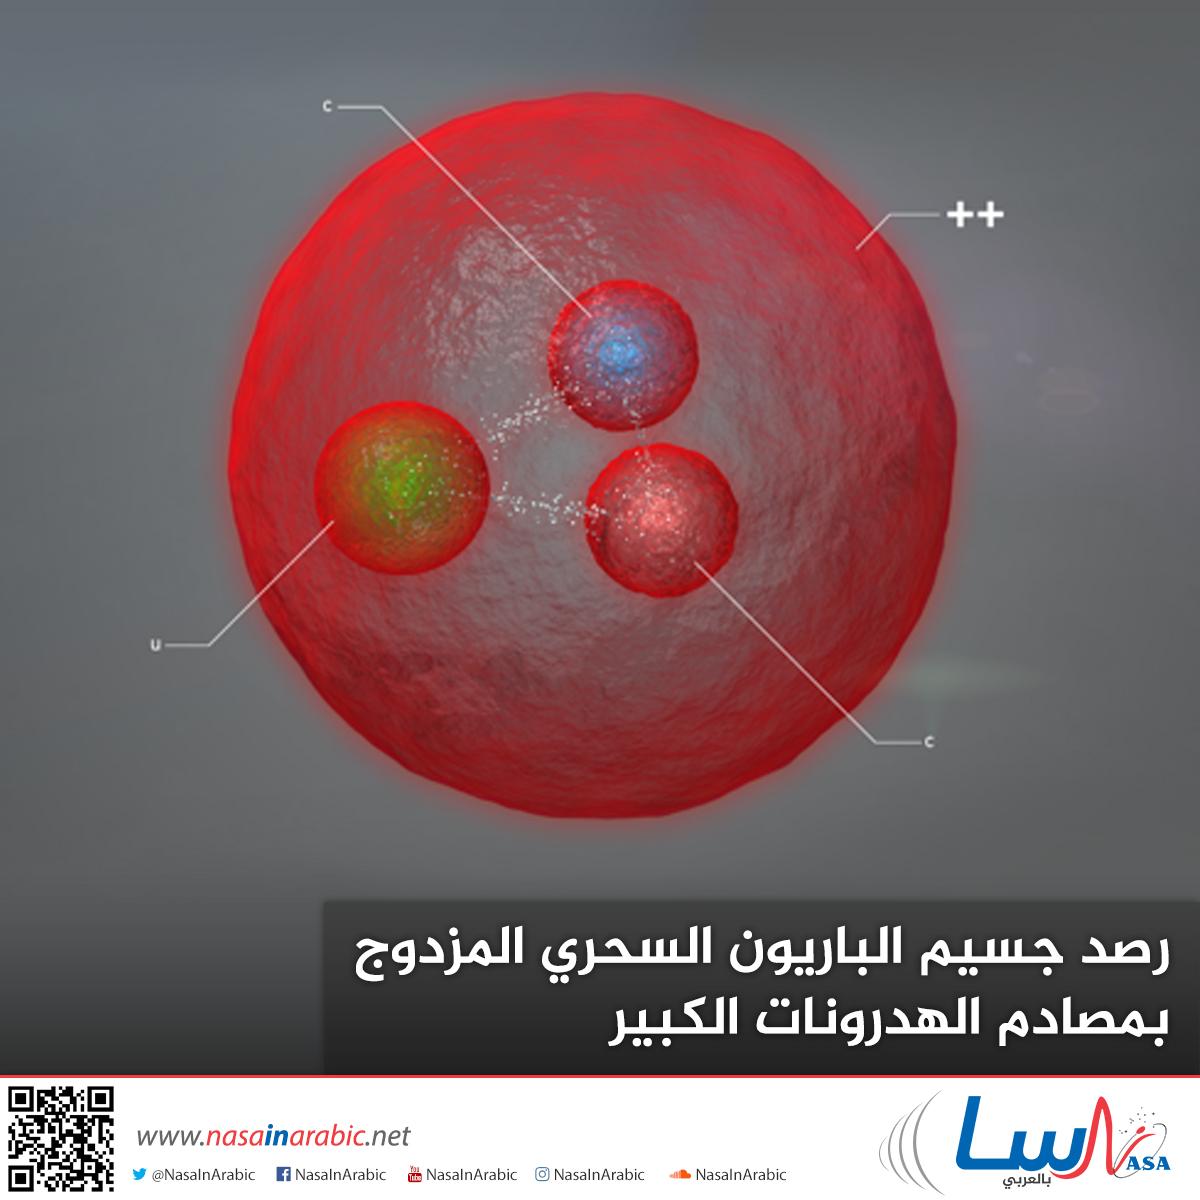 رصد جسيم الباريون السحري المزدوج بمصادم الهدرونات الكبير